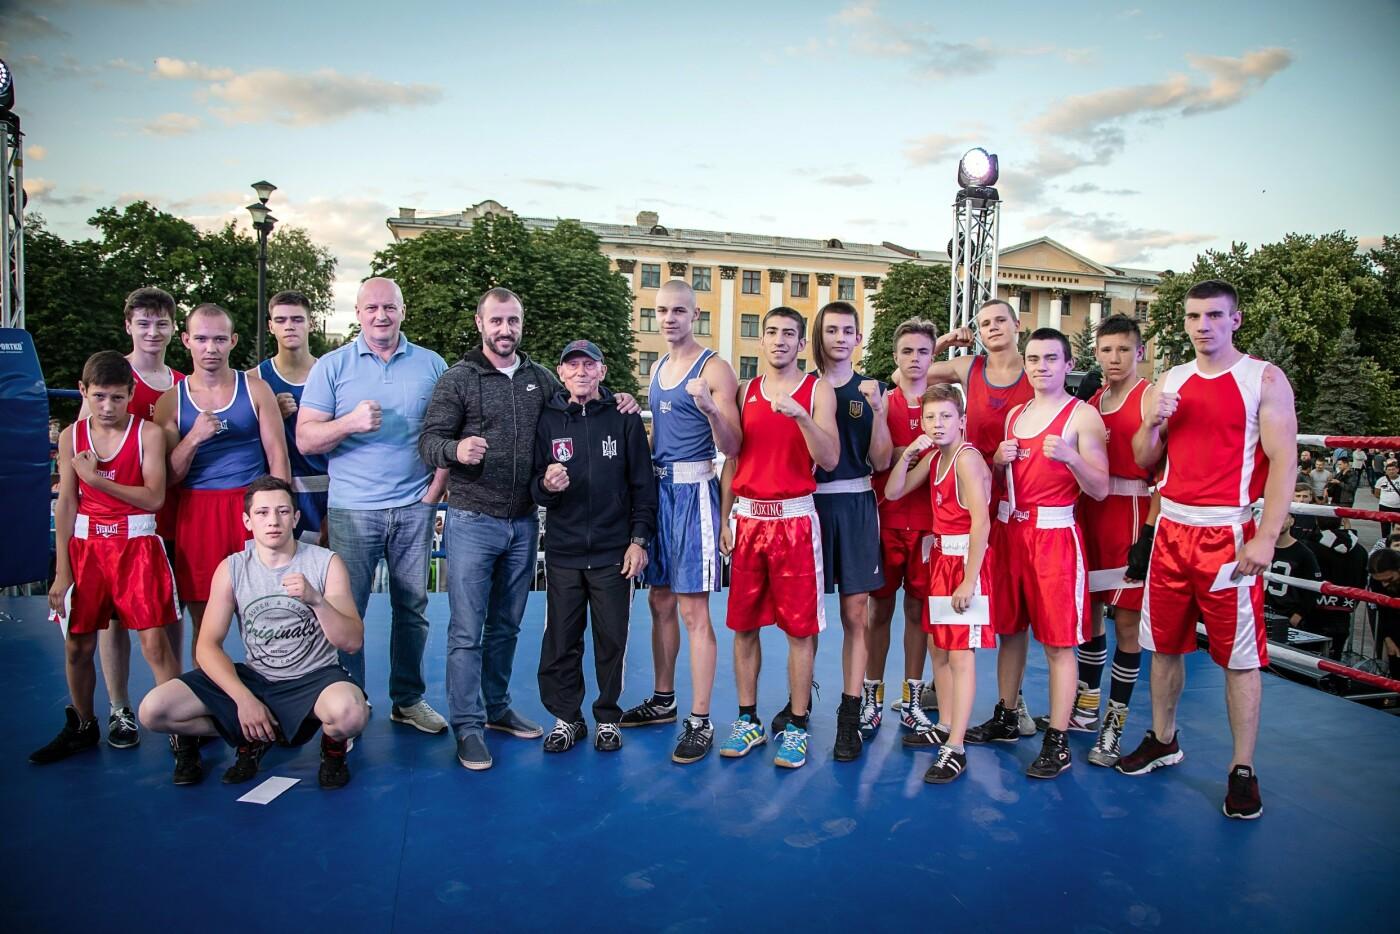 В Лисичанске прошел боксерский турнир памяти отца и сына Назаренко и концерт группы Армия, фото-20